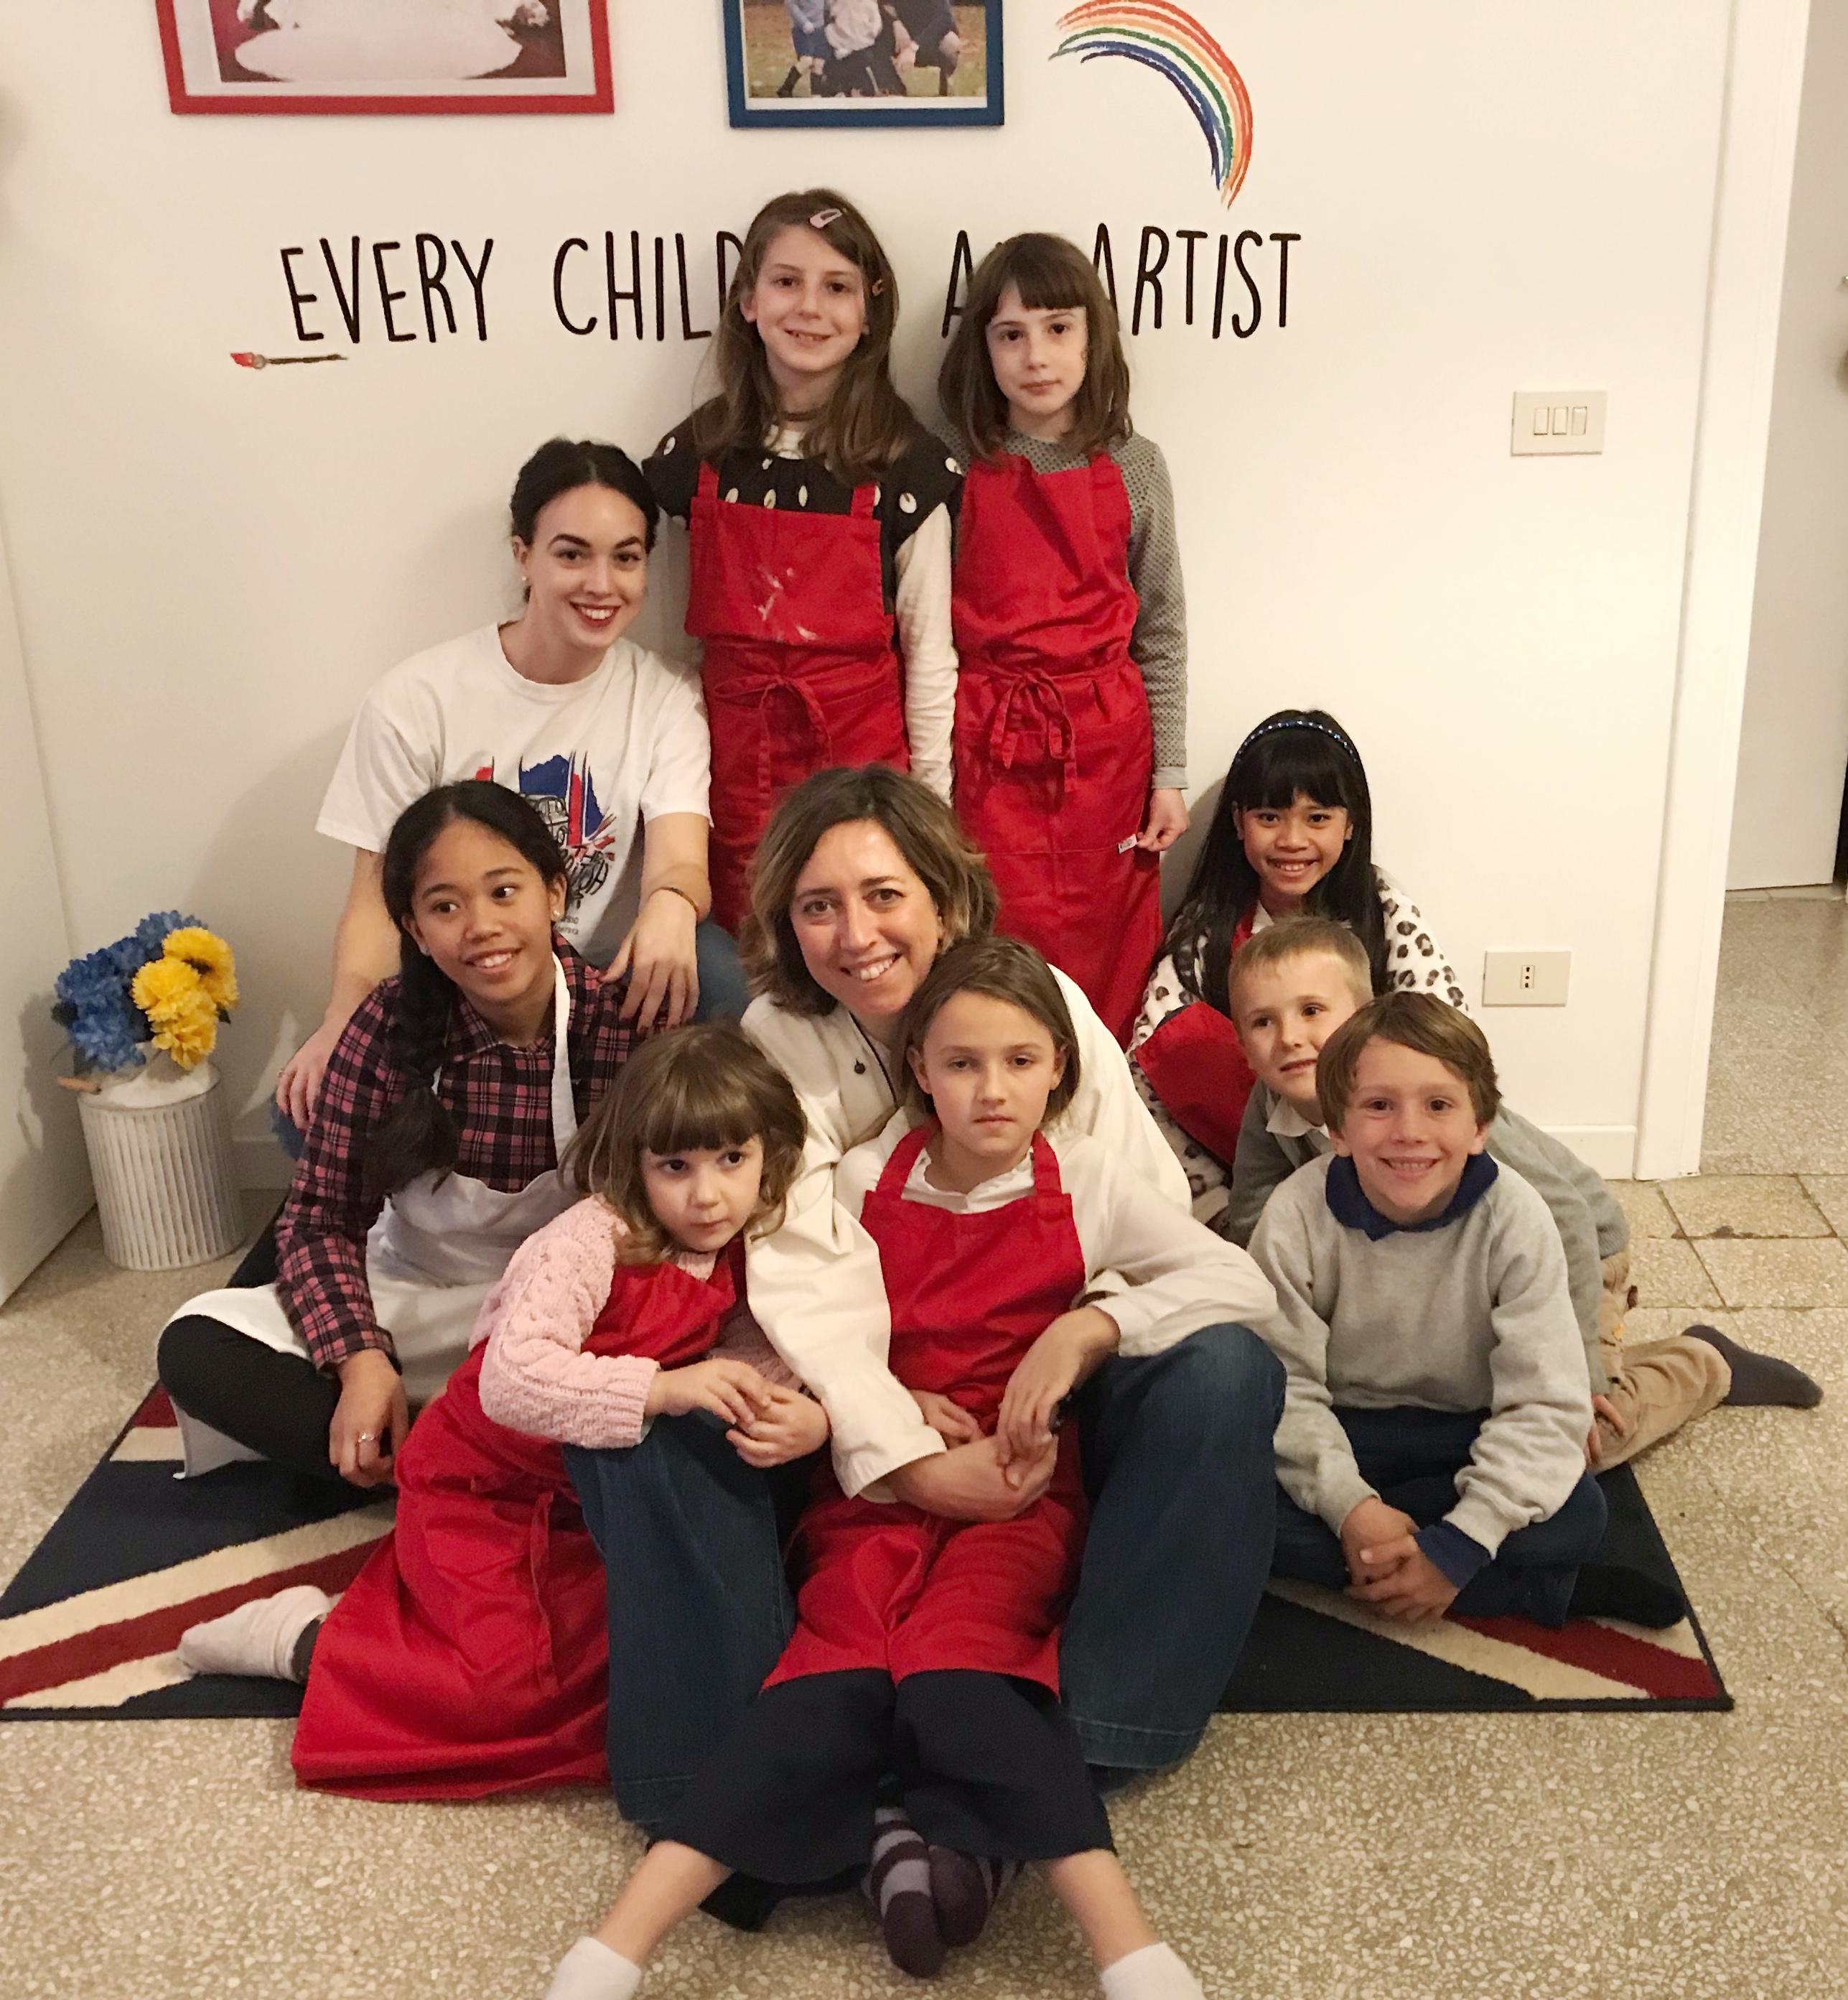 foto di gruppo di bambini con le chef clochard